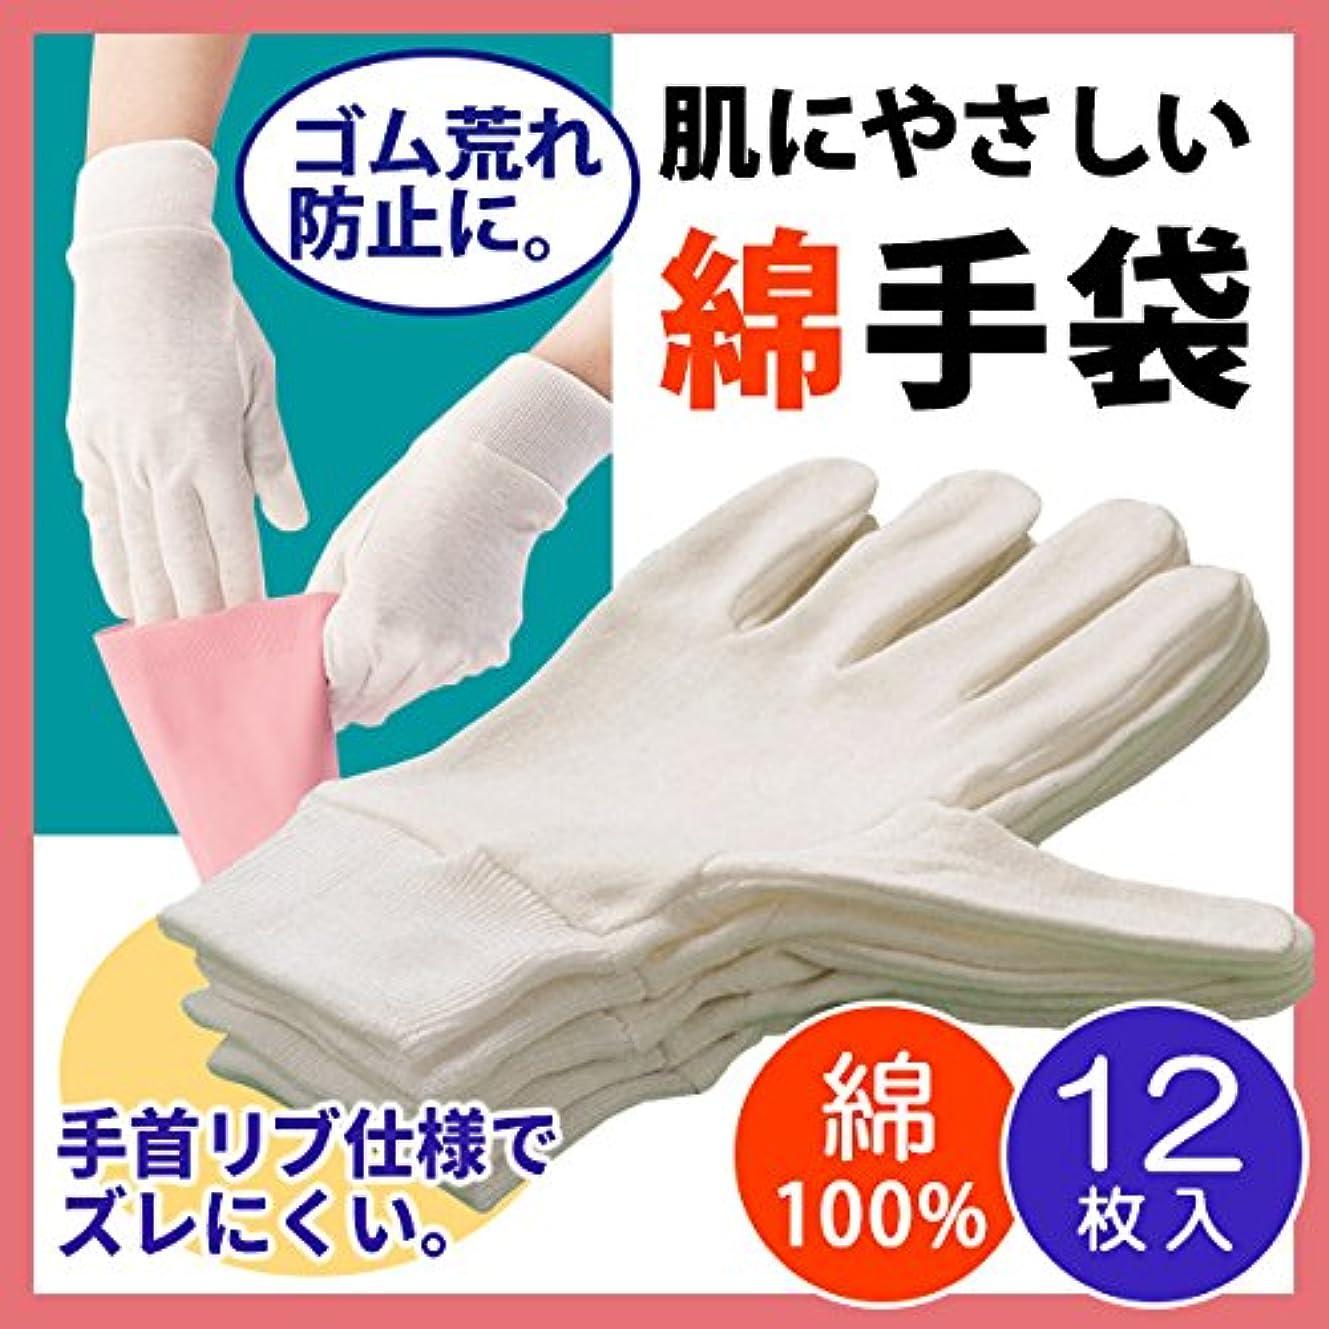 平日問題ブラシ【女性用】肌にやさしいコットン手袋 12枚入り